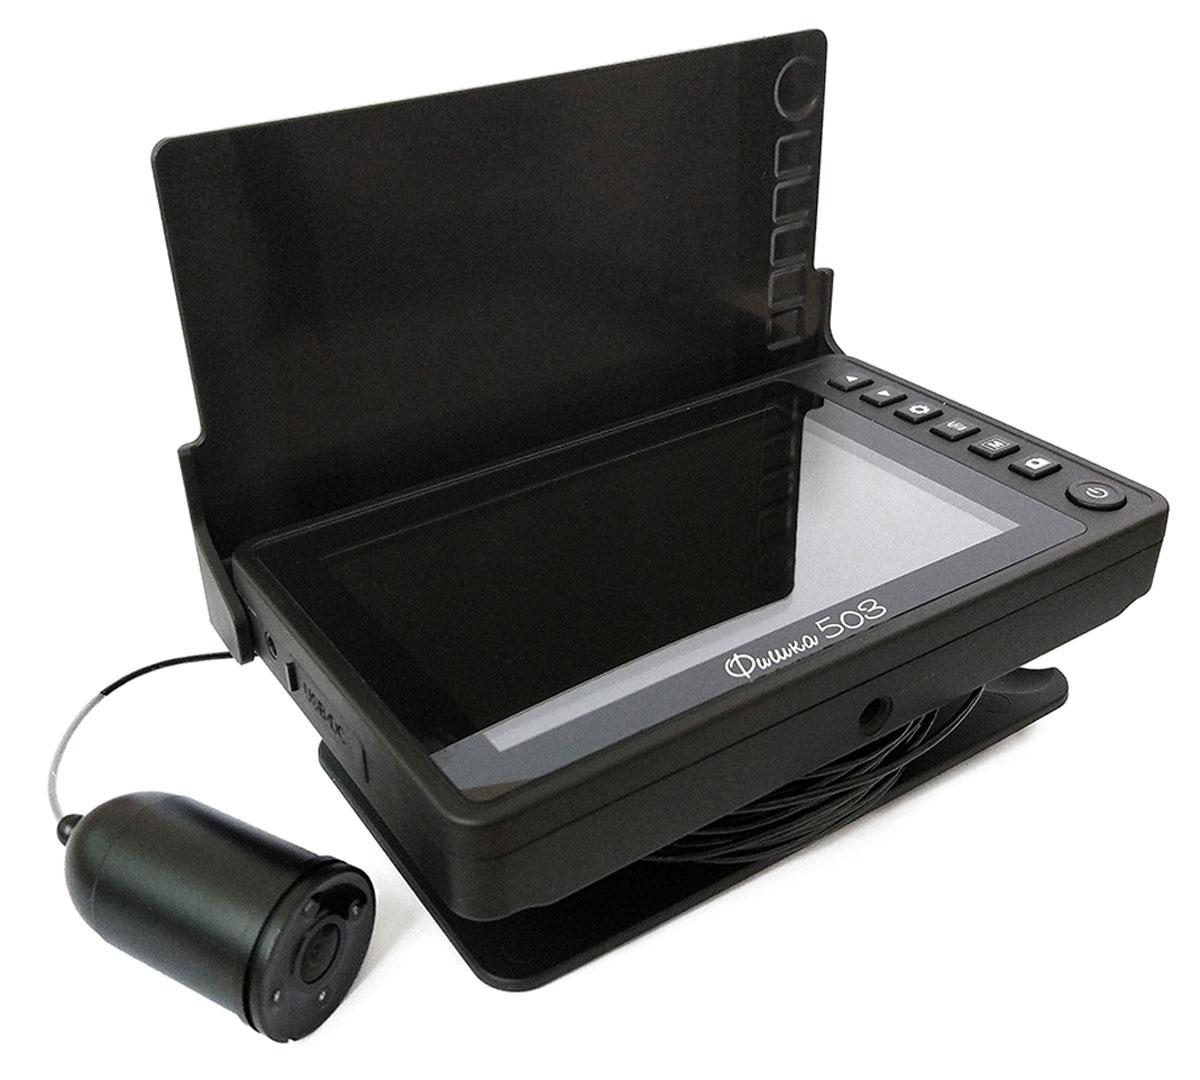 Подводная камера Фишка 503VE-f503Водонепроницаемая камера, подключаемая к 5-дюймовому цветному дисплею, может записывать видео и делать фотографии вашего места рыбалки. Опустите камеру в воду, чтобы посмотреть, что происходит под поверхностью. Фишка 503 становится под водой вашими глазами. Встроенные светодиодные лампы ночного видения освещают затемнённые участки обеспечивают качественное изображение практически в любой ситуации. С захватом HD-видео и чёткими изображениями до 300 000 точеквы можете быстро и легко просматривать снимки и видео прямо на экране ЖК-монитора.Функция записи: Да. Рабочая температура: от -20 °С до +60 °С. Дальность обзора (в чистой воде): от 1 до 5 метров. Встроенная подсветка: 4 ИК-светодиода. Длина кабеля: 15 метров.Разрешение камеры: 650 ТВЛ.Усилие на разрыв: до 40 кг.Время автономной работы:до 8 часов.Ёмкость аккумулятора: 7500 мА/ч.